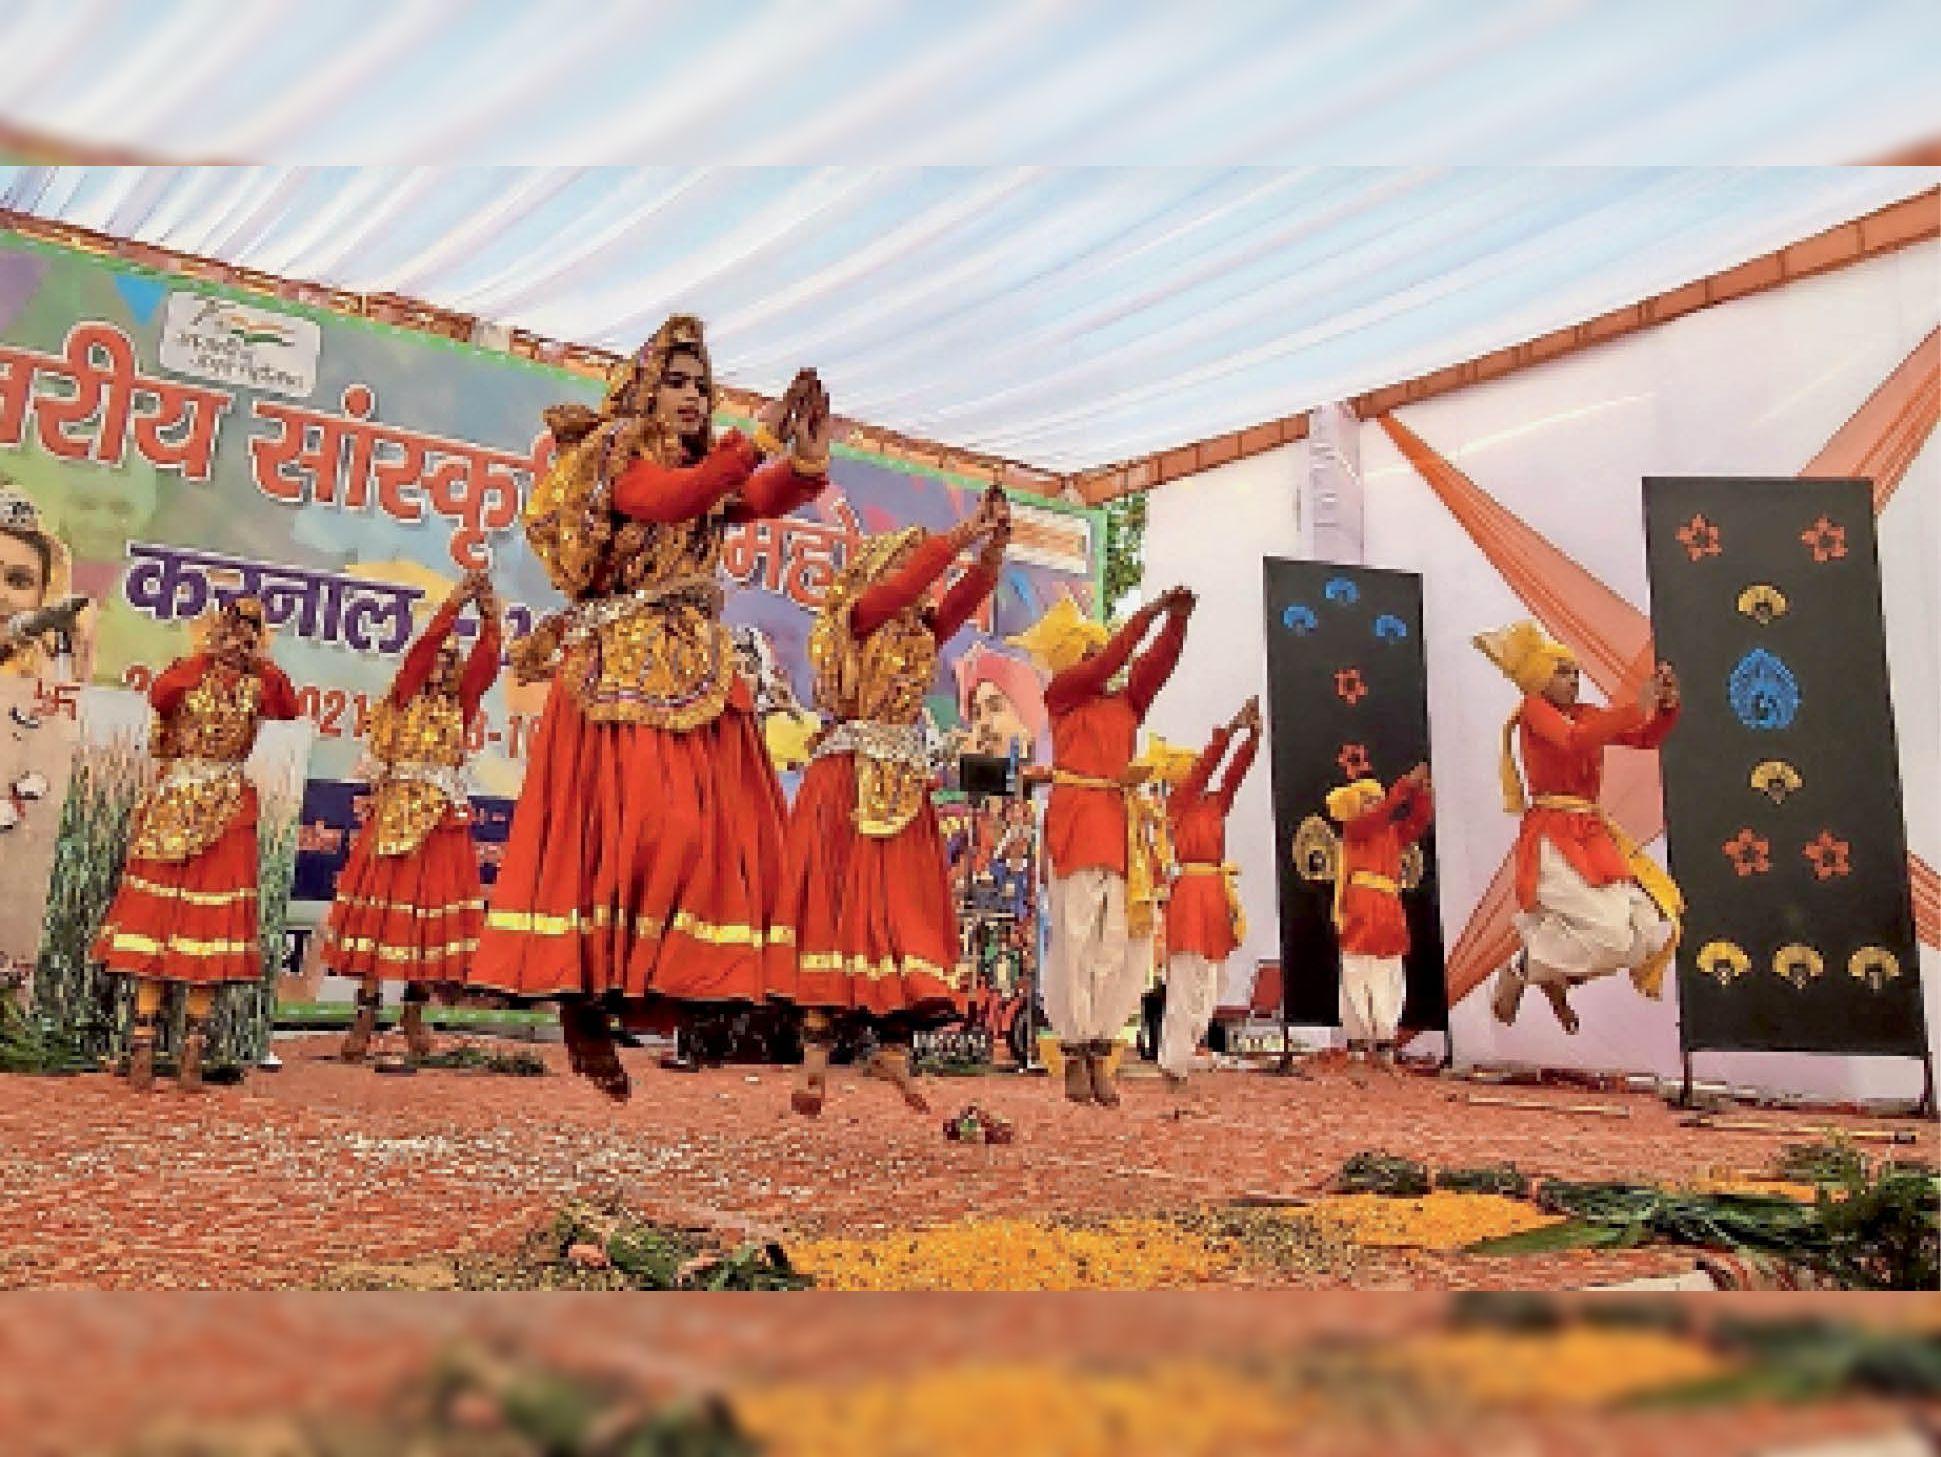 सांस्कृतिक महोत्सव में विद्यार्थियों ने हरियाणवी संस्कृति के बिखेरे रंग, 22 जिलों की टीमों ने दिखाई अपनी प्रतिभाएं करनाल,Karnal - Dainik Bhaskar